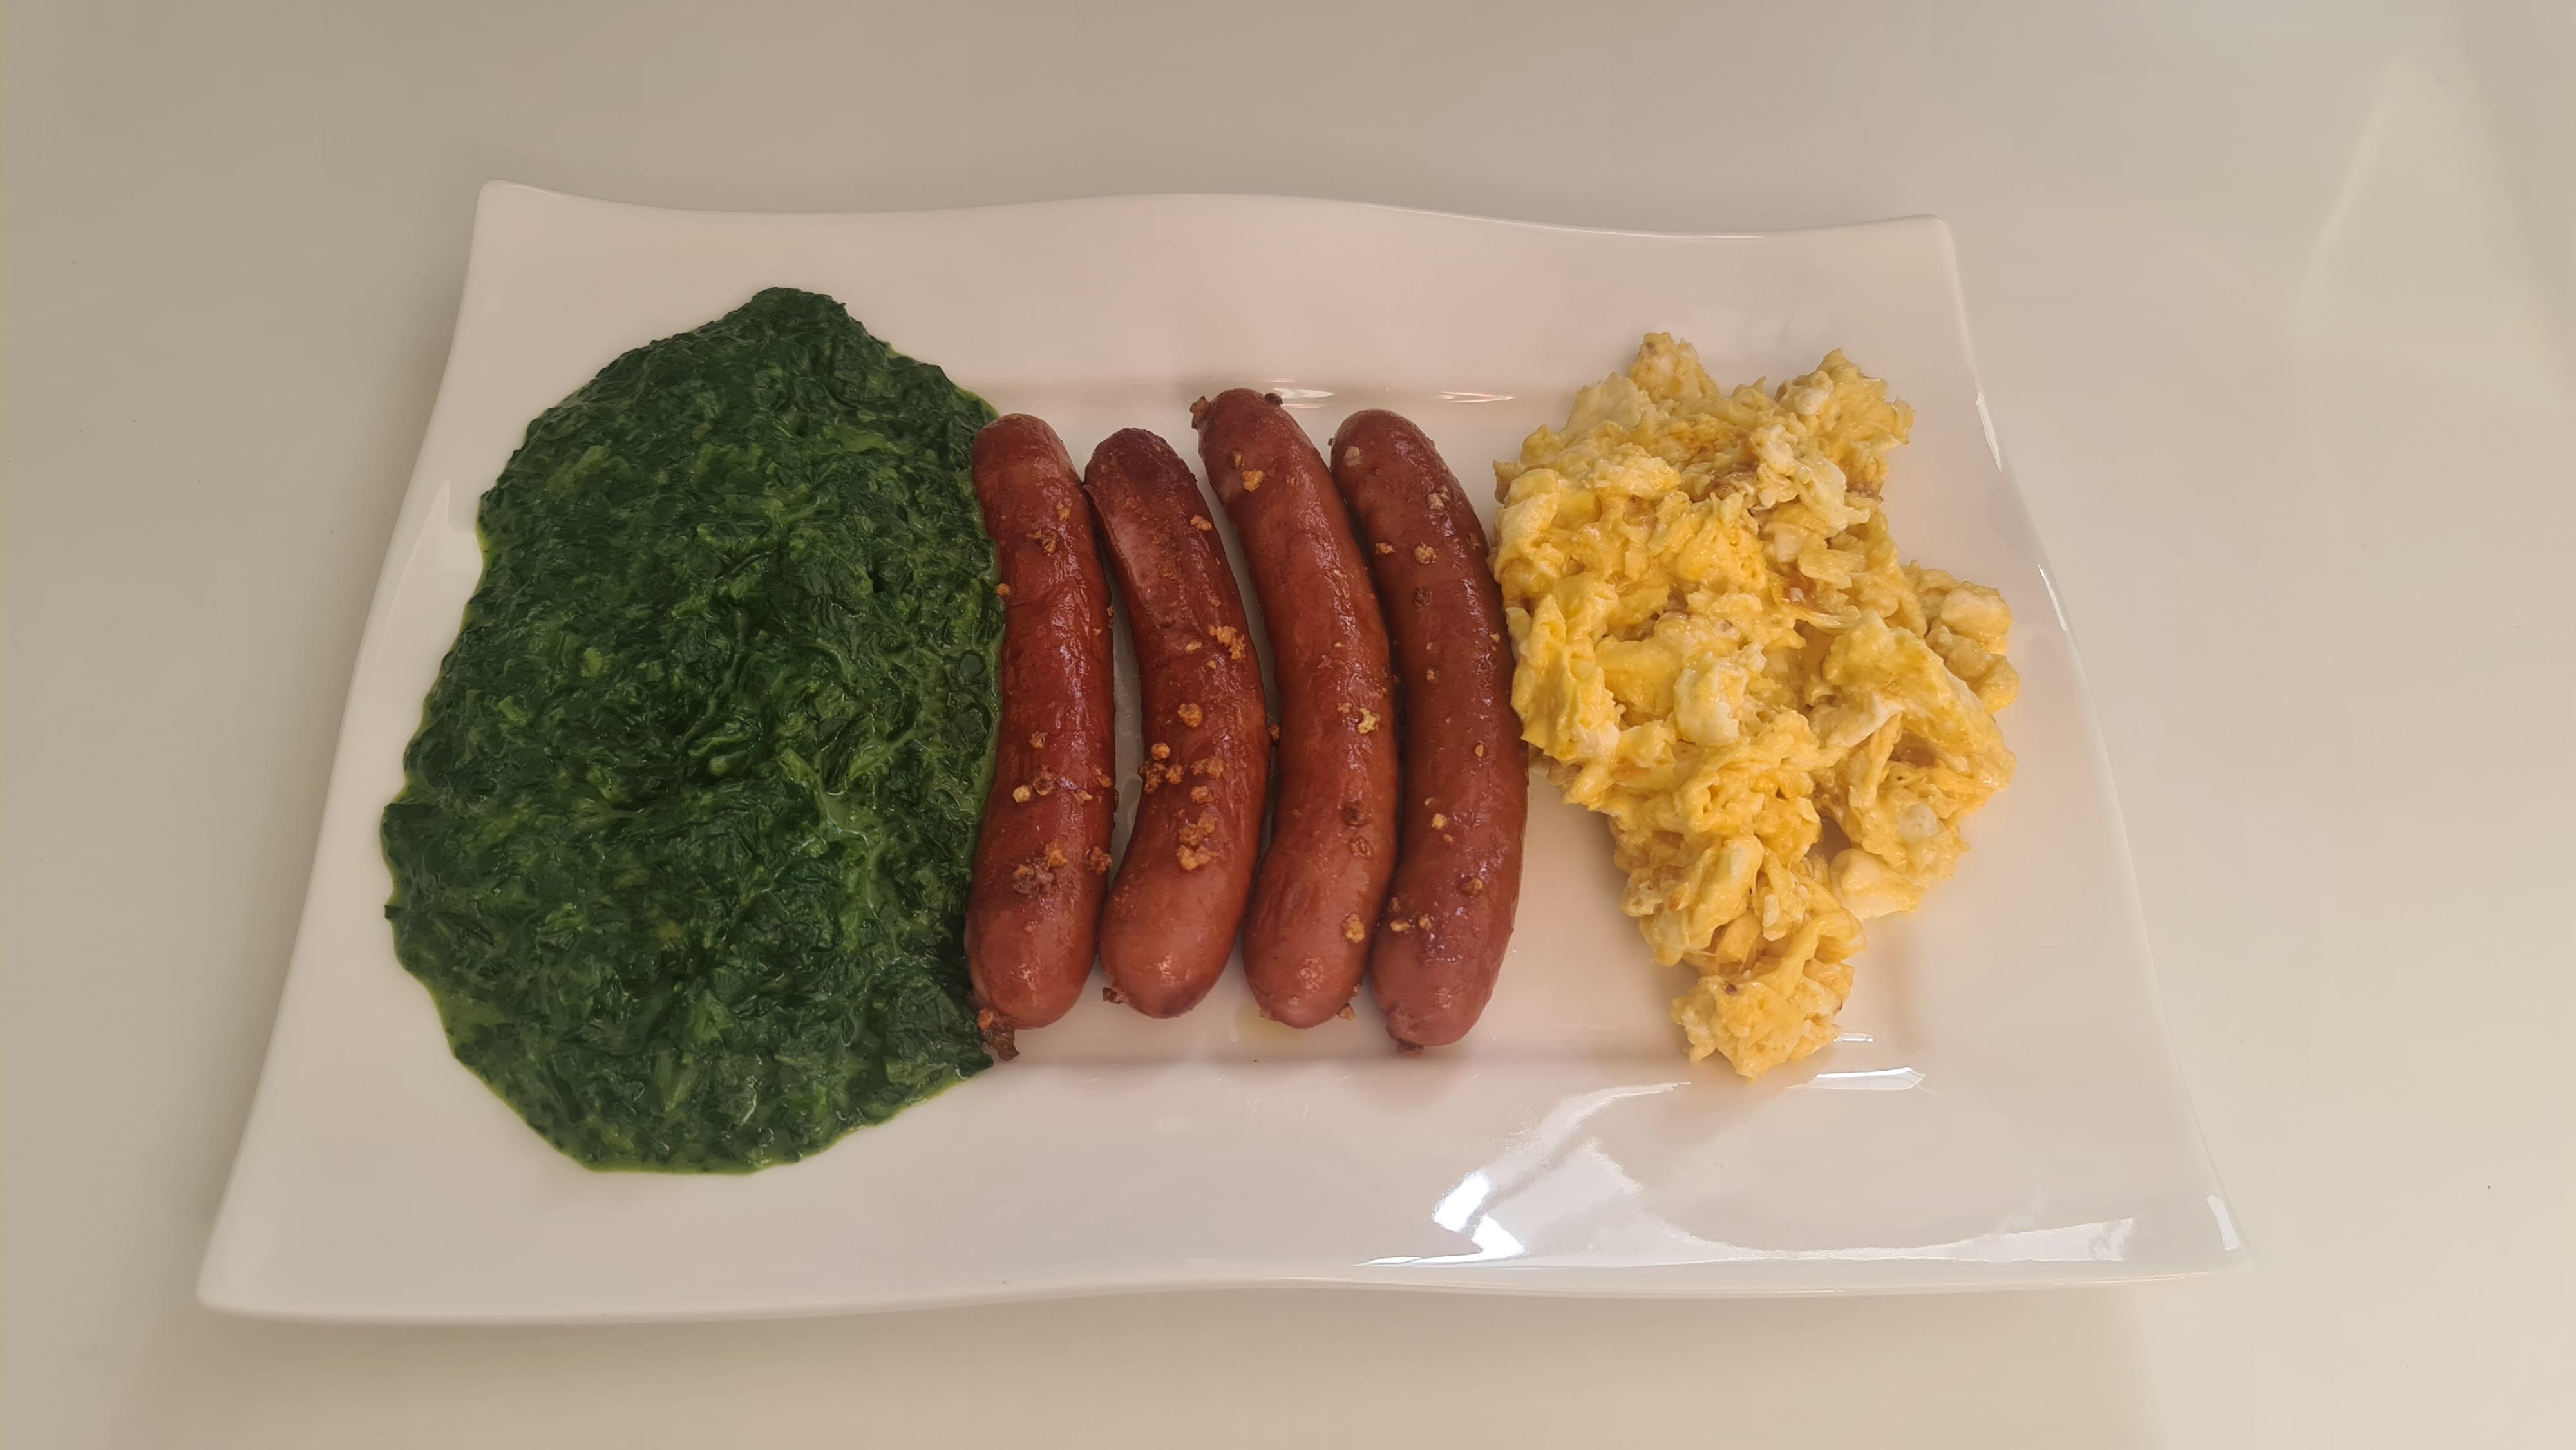 https://foodloader.net/Holz_2020-07-27_Kaesegriller_mit_Ruehrei_und_Spinat.jpg